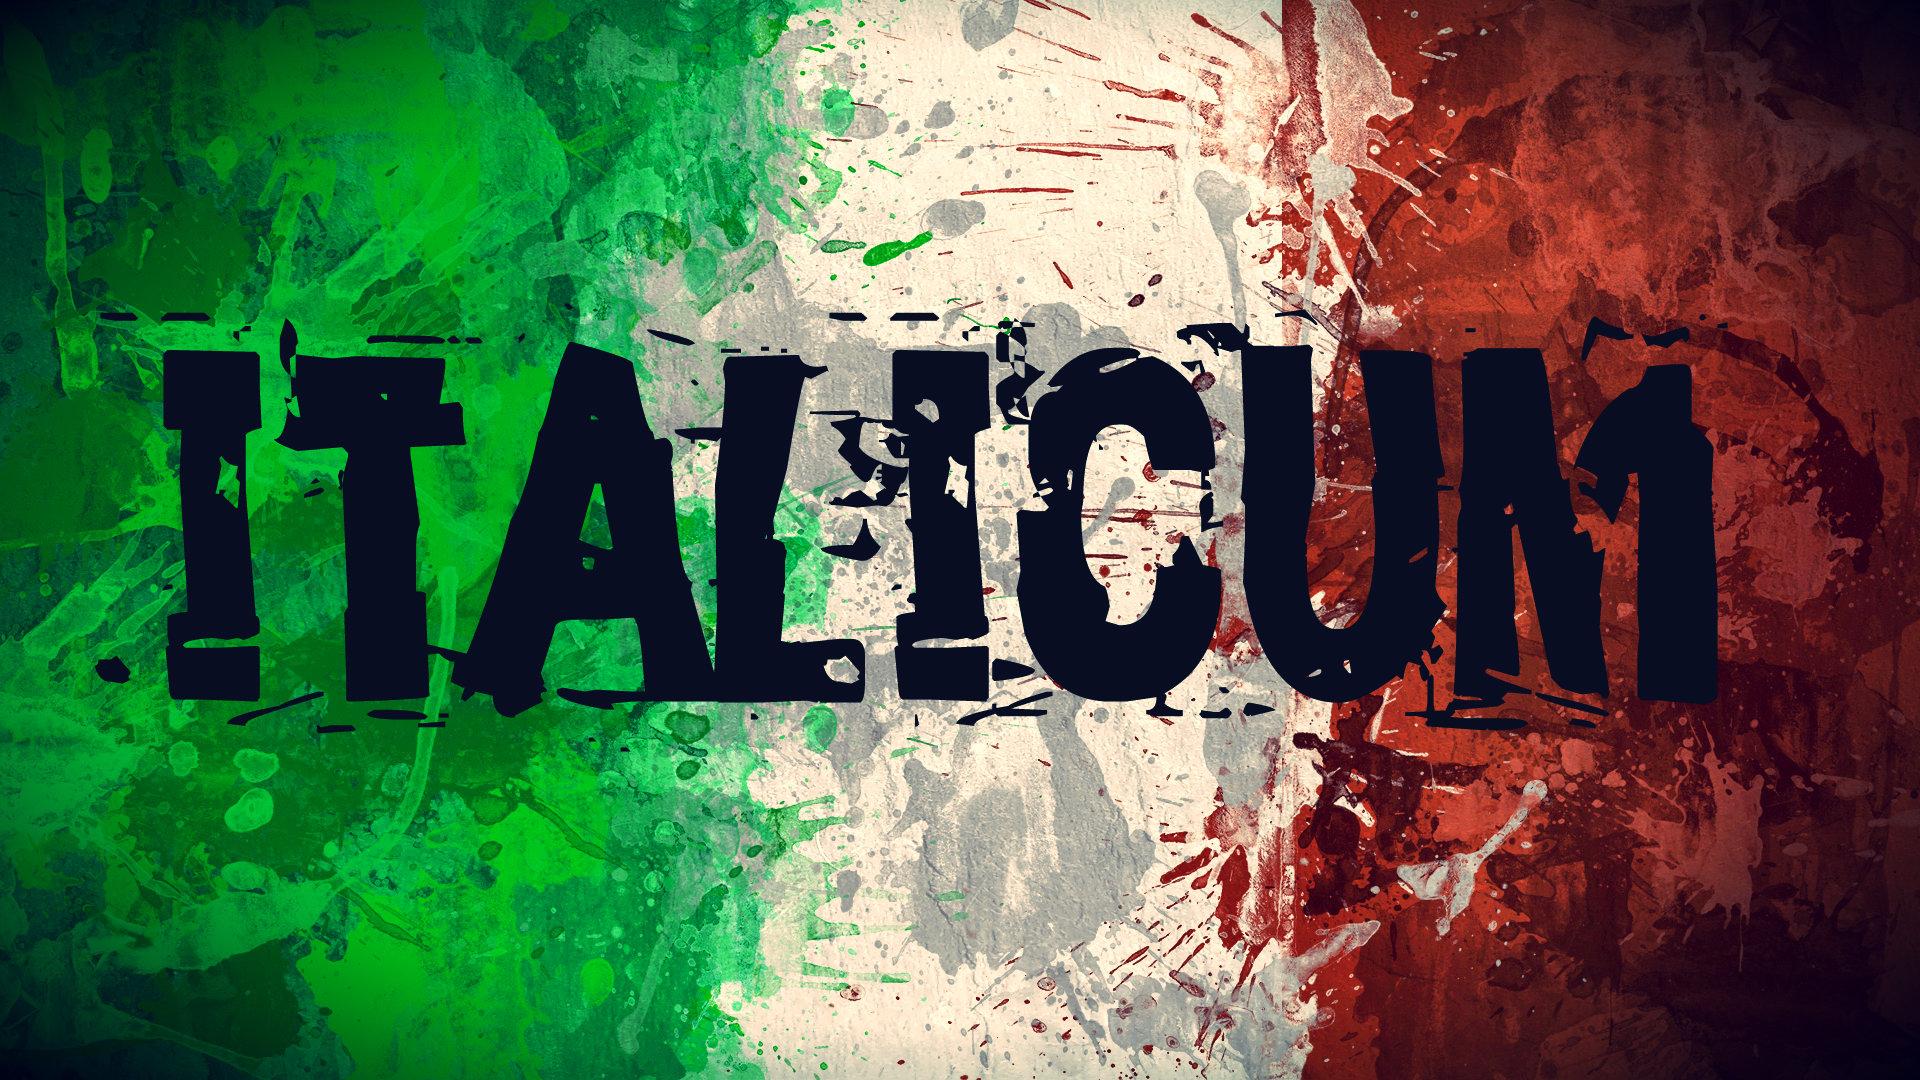 italicum-referendum-sondaggio-exitaly-italexit